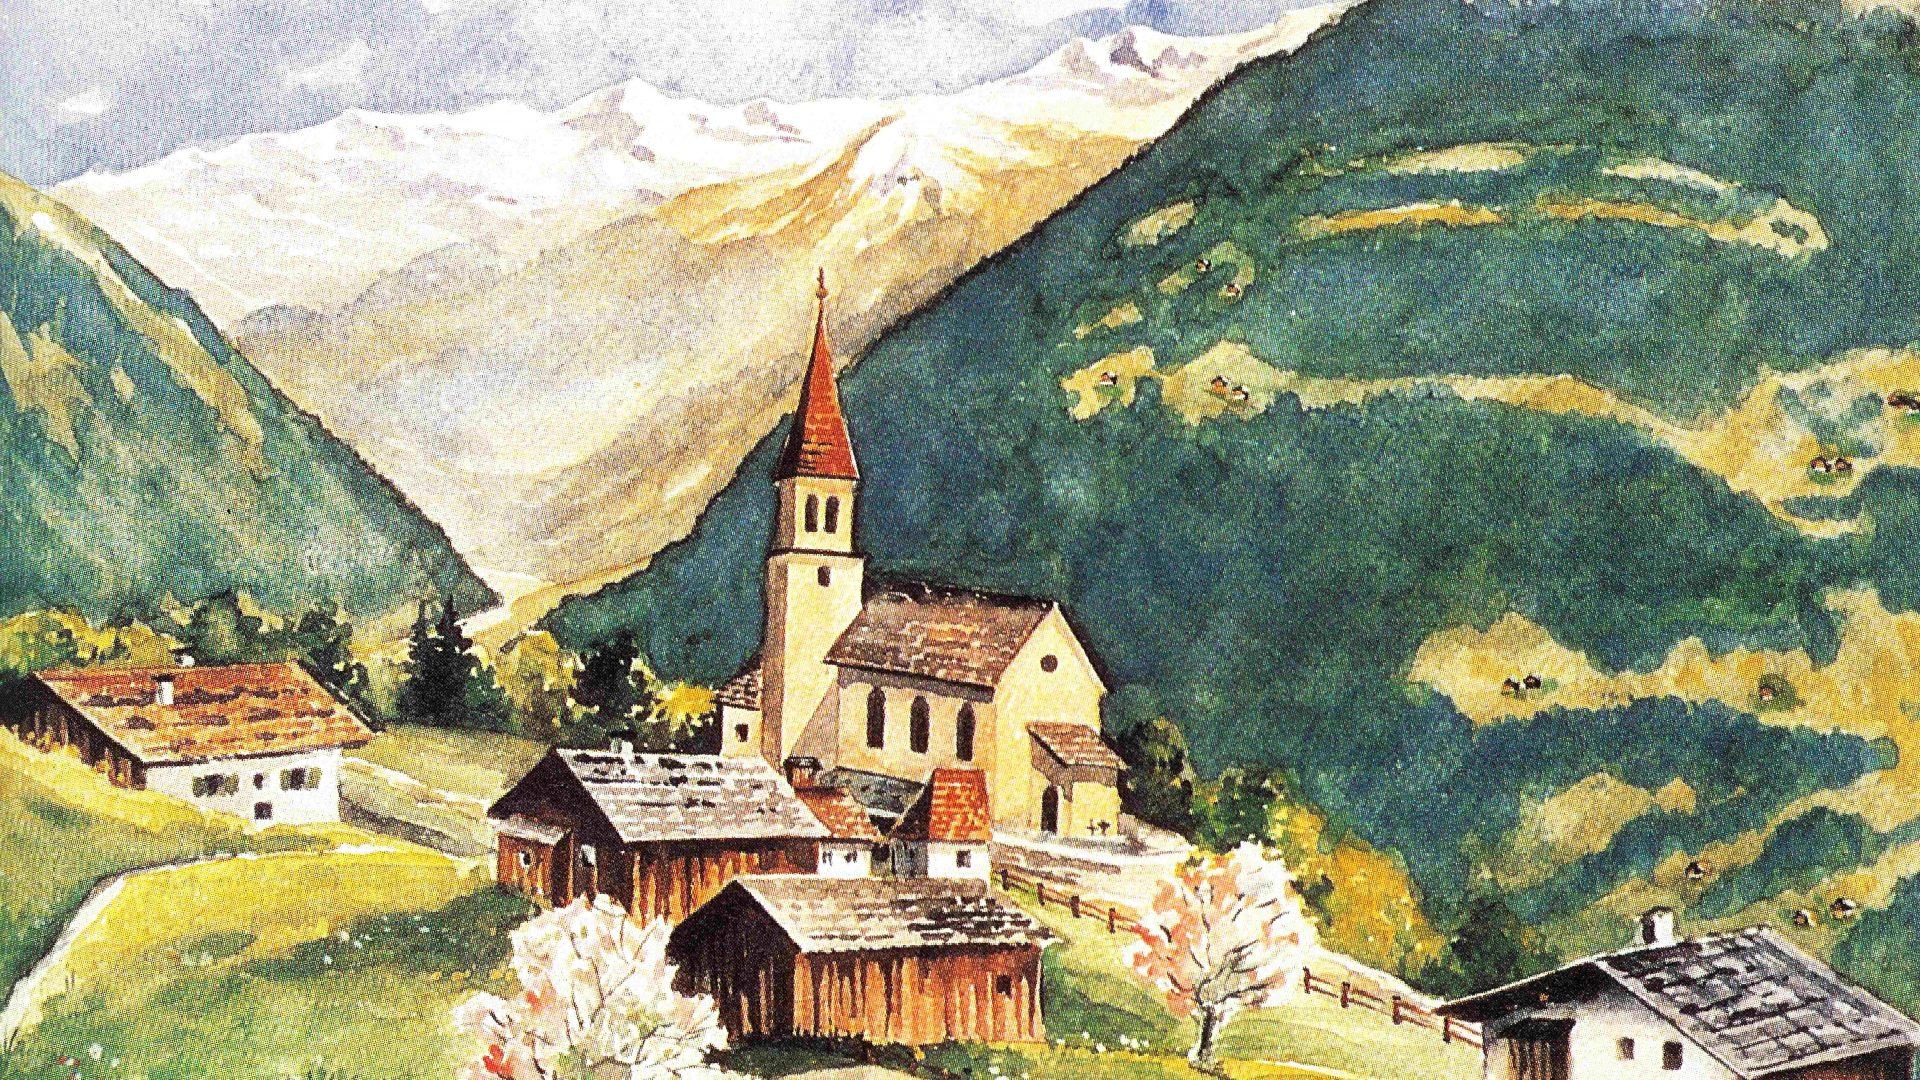 Bartholomäberg